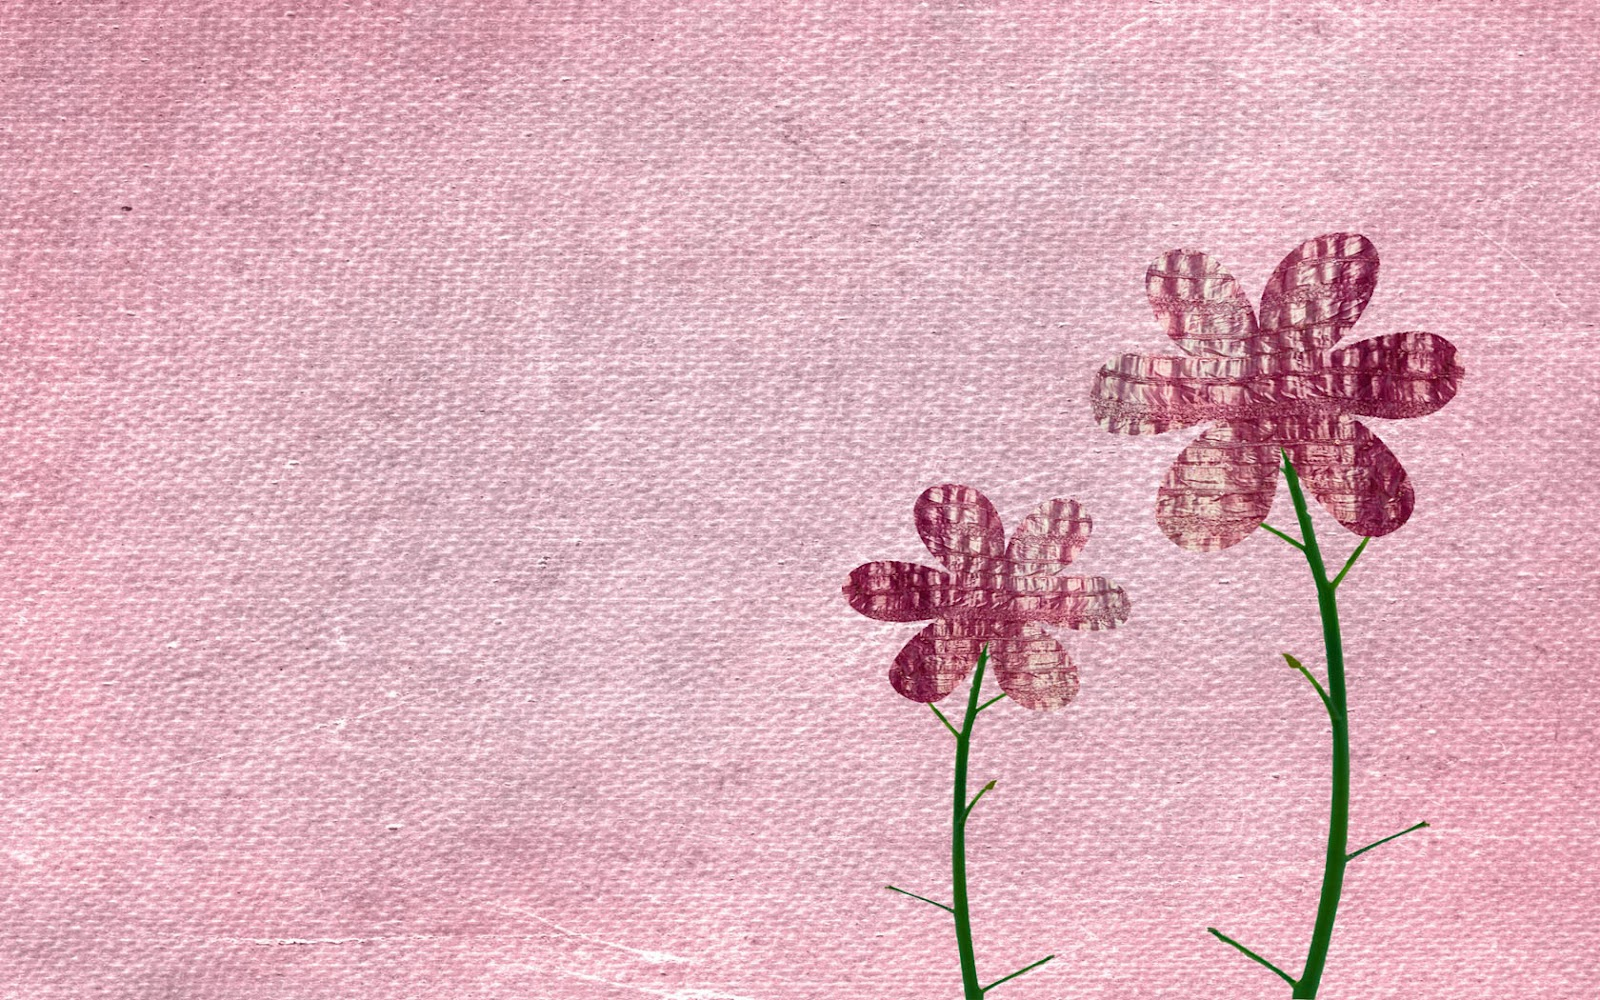 138 1389313 flower tumblr wallpaper desktop